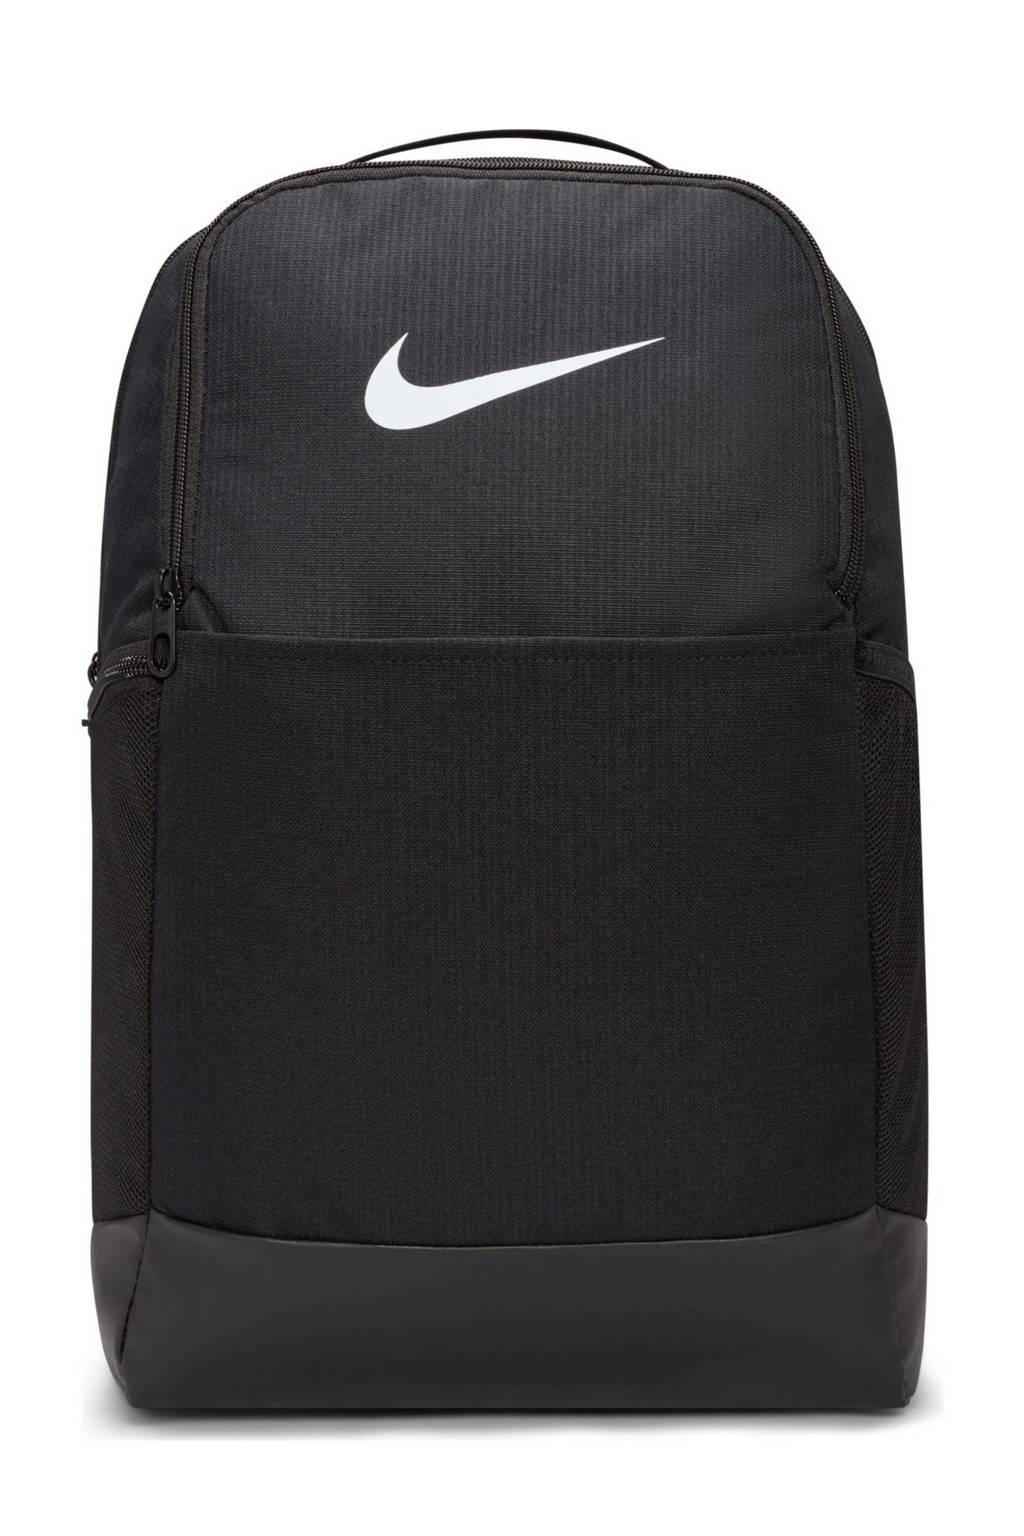 Nike  rugzak zwart, Zwart